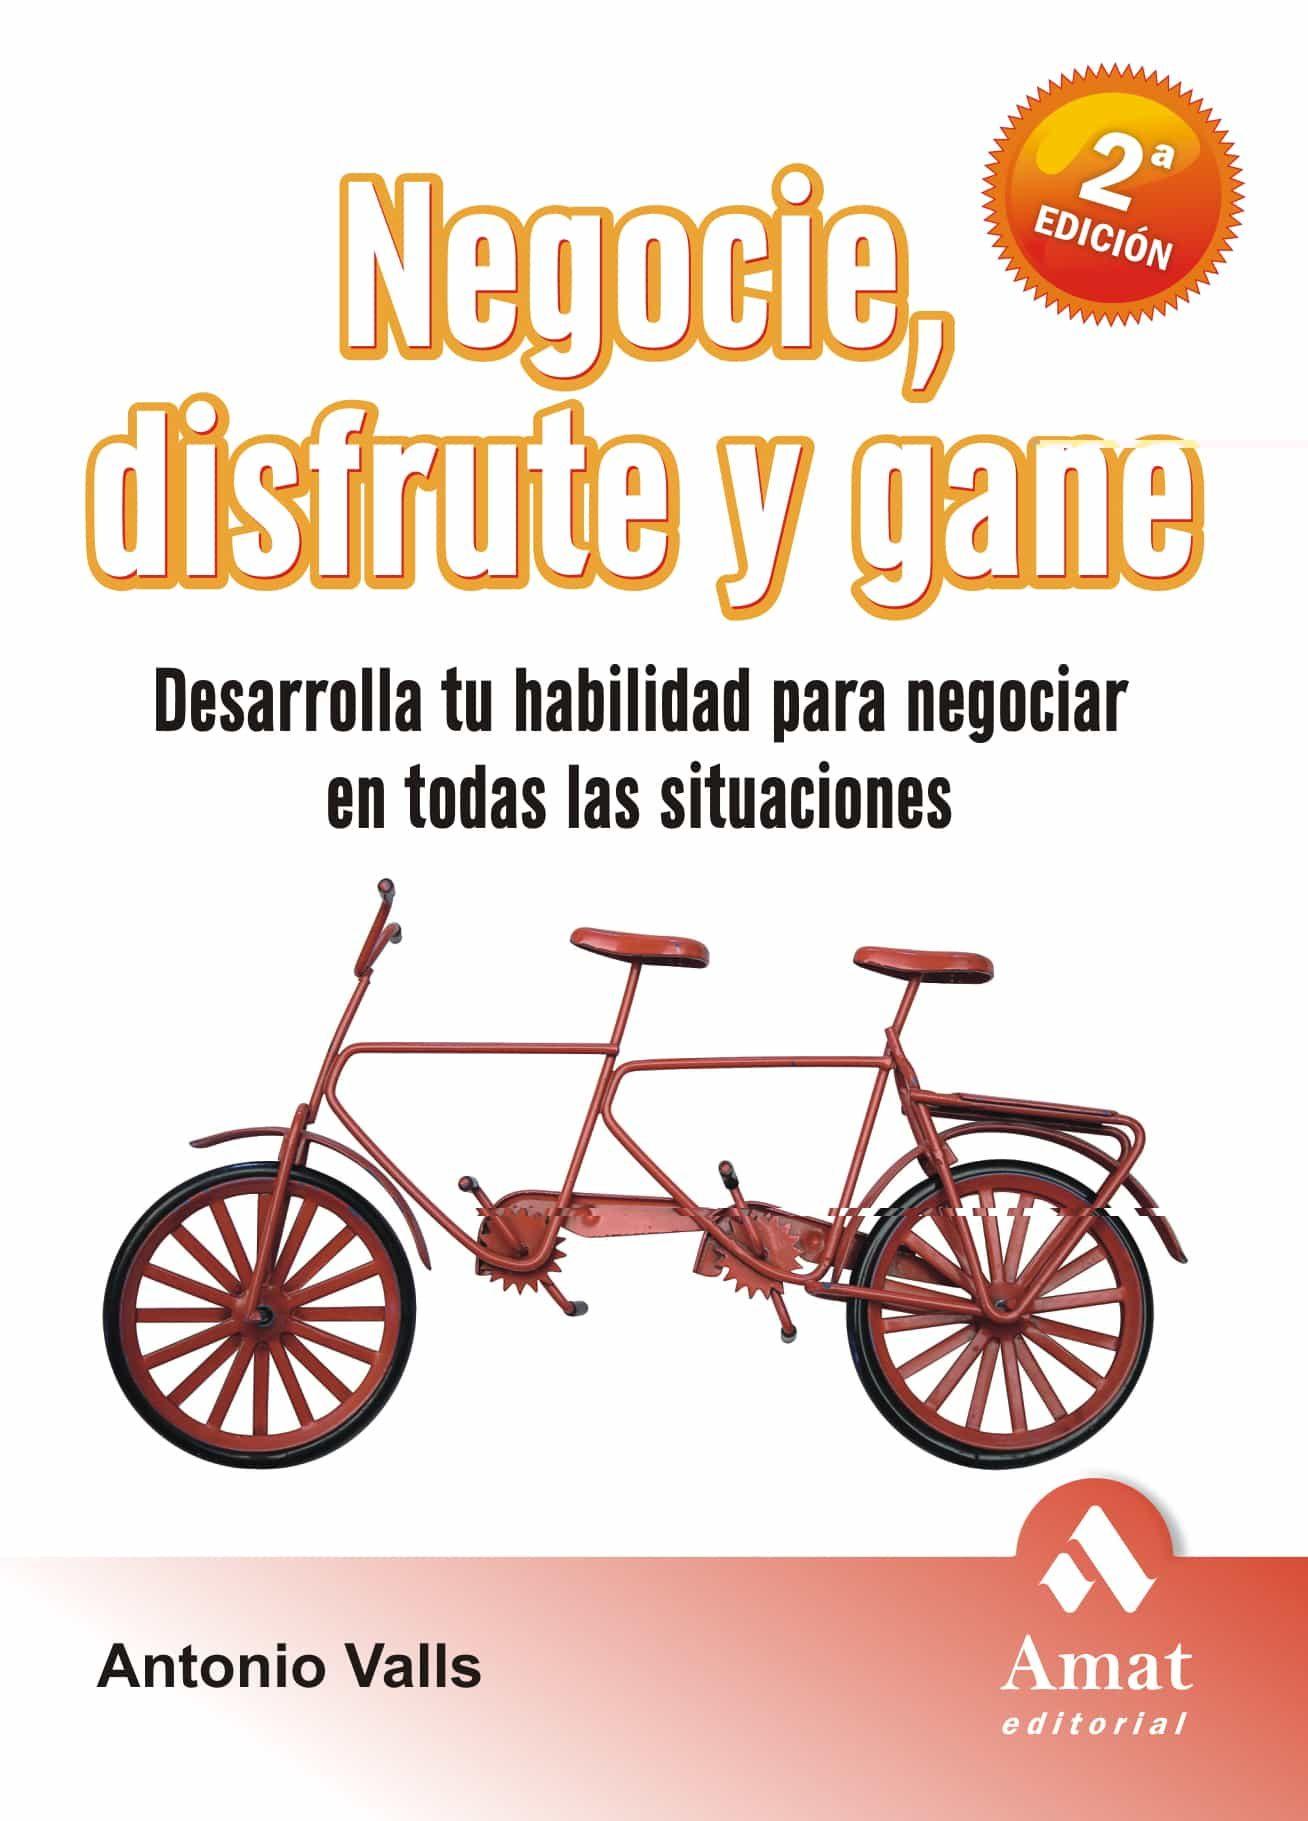 Negocie, Disfrute Y Gane (2ª Ed.): Desarrolla Tu Habilidad Para N Egociar En Todas Las Situaciones por Antonio Valls